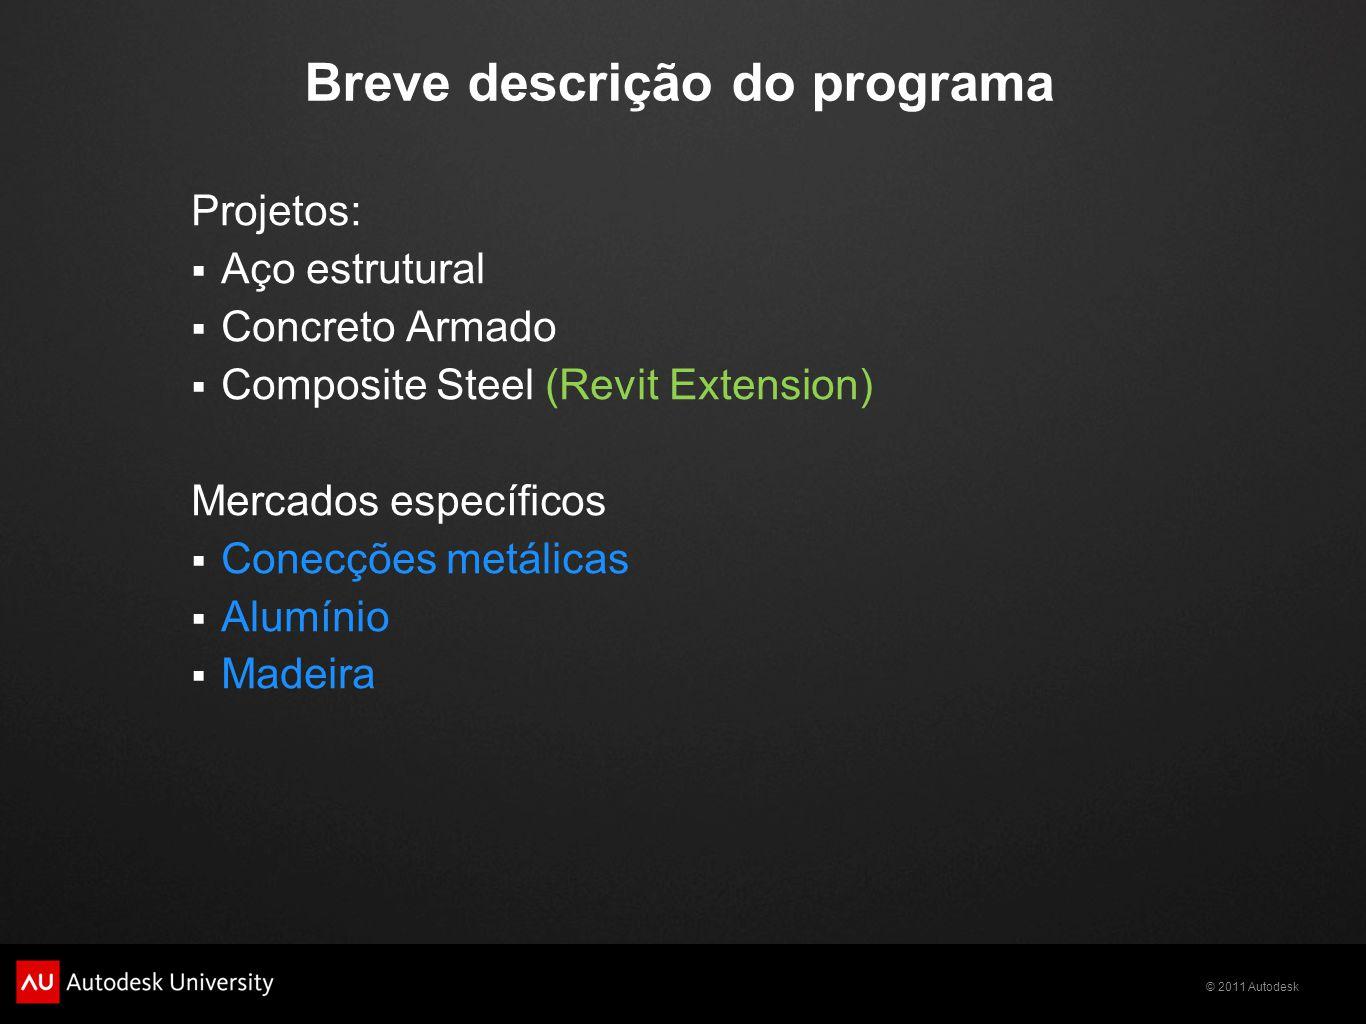 Breve descrição do programa